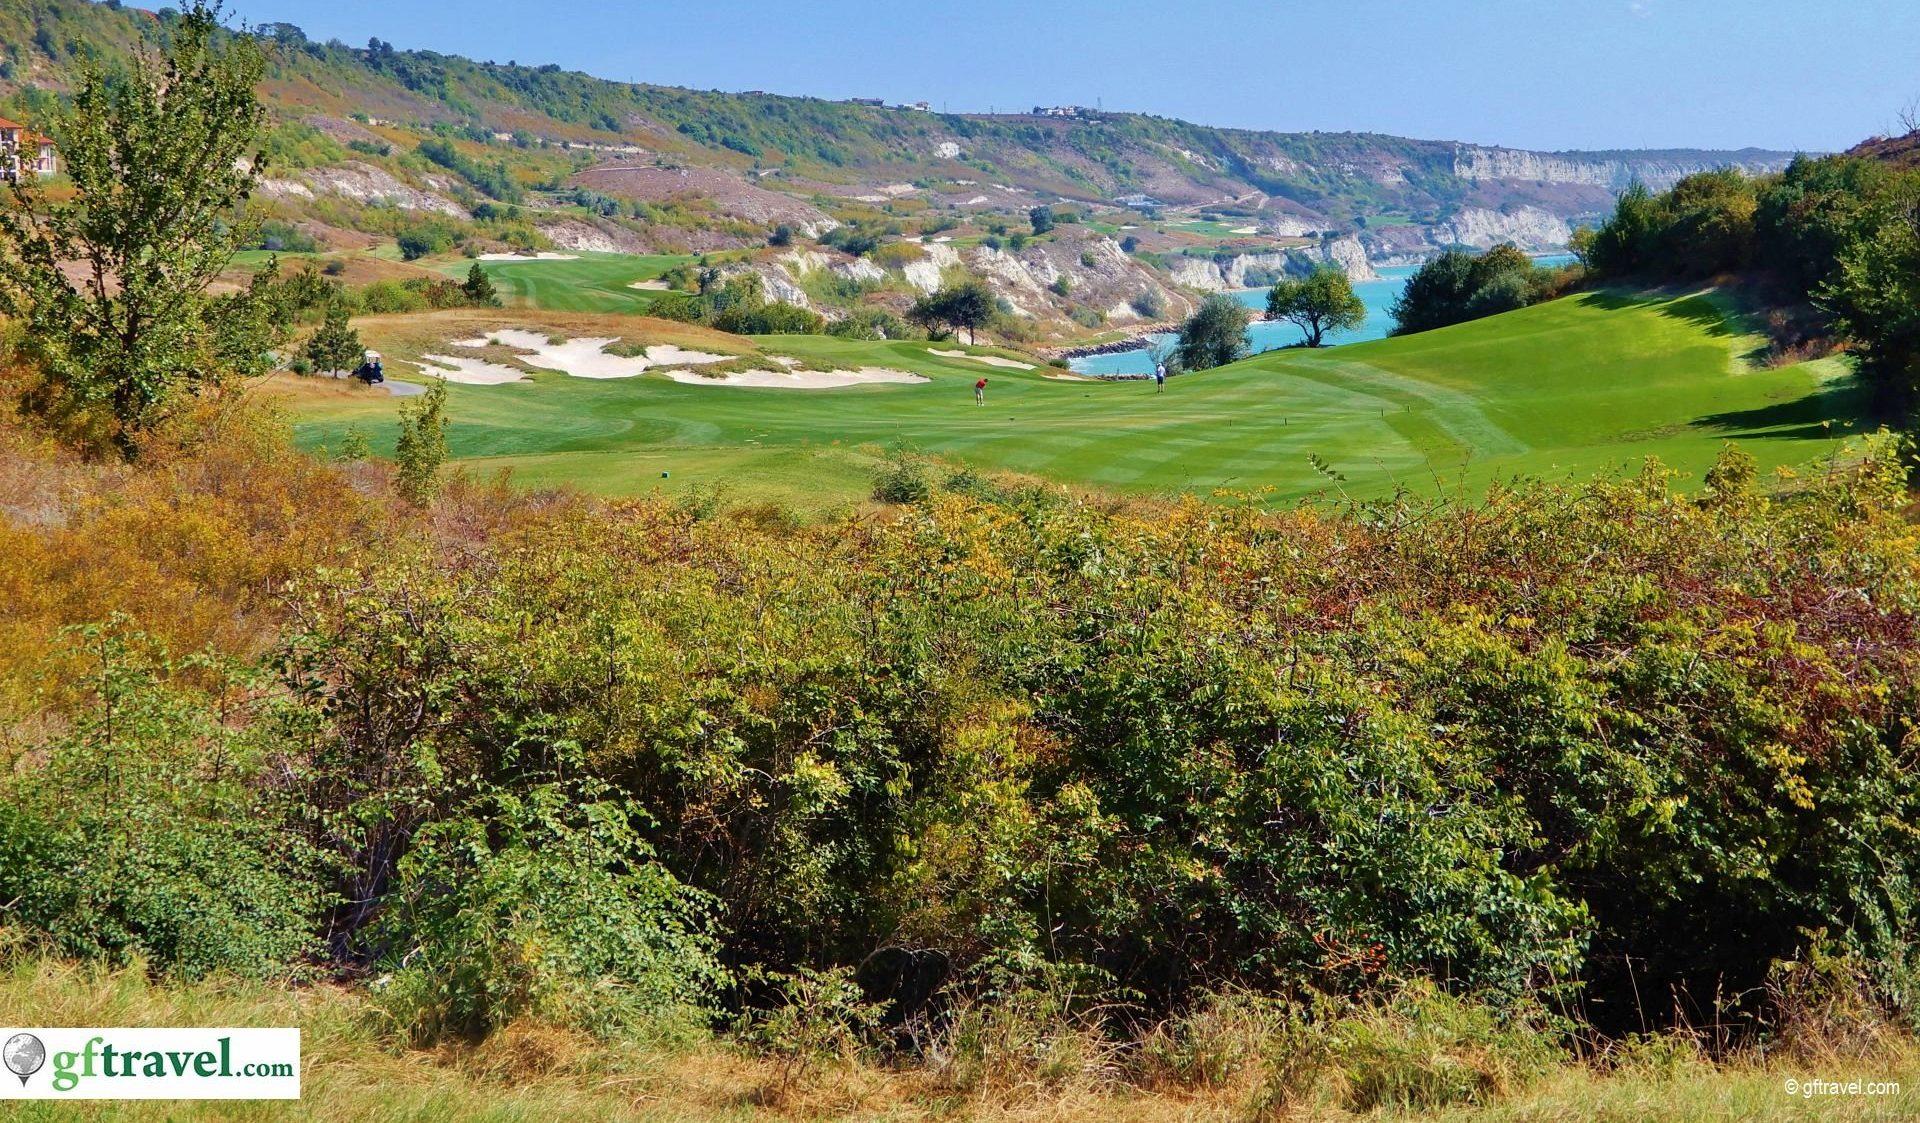 Golf-Gruppenreise-Bulgarien-Thracian-Cliffs-Reisebericht-GC-Thracian-Cliffs-Course-9